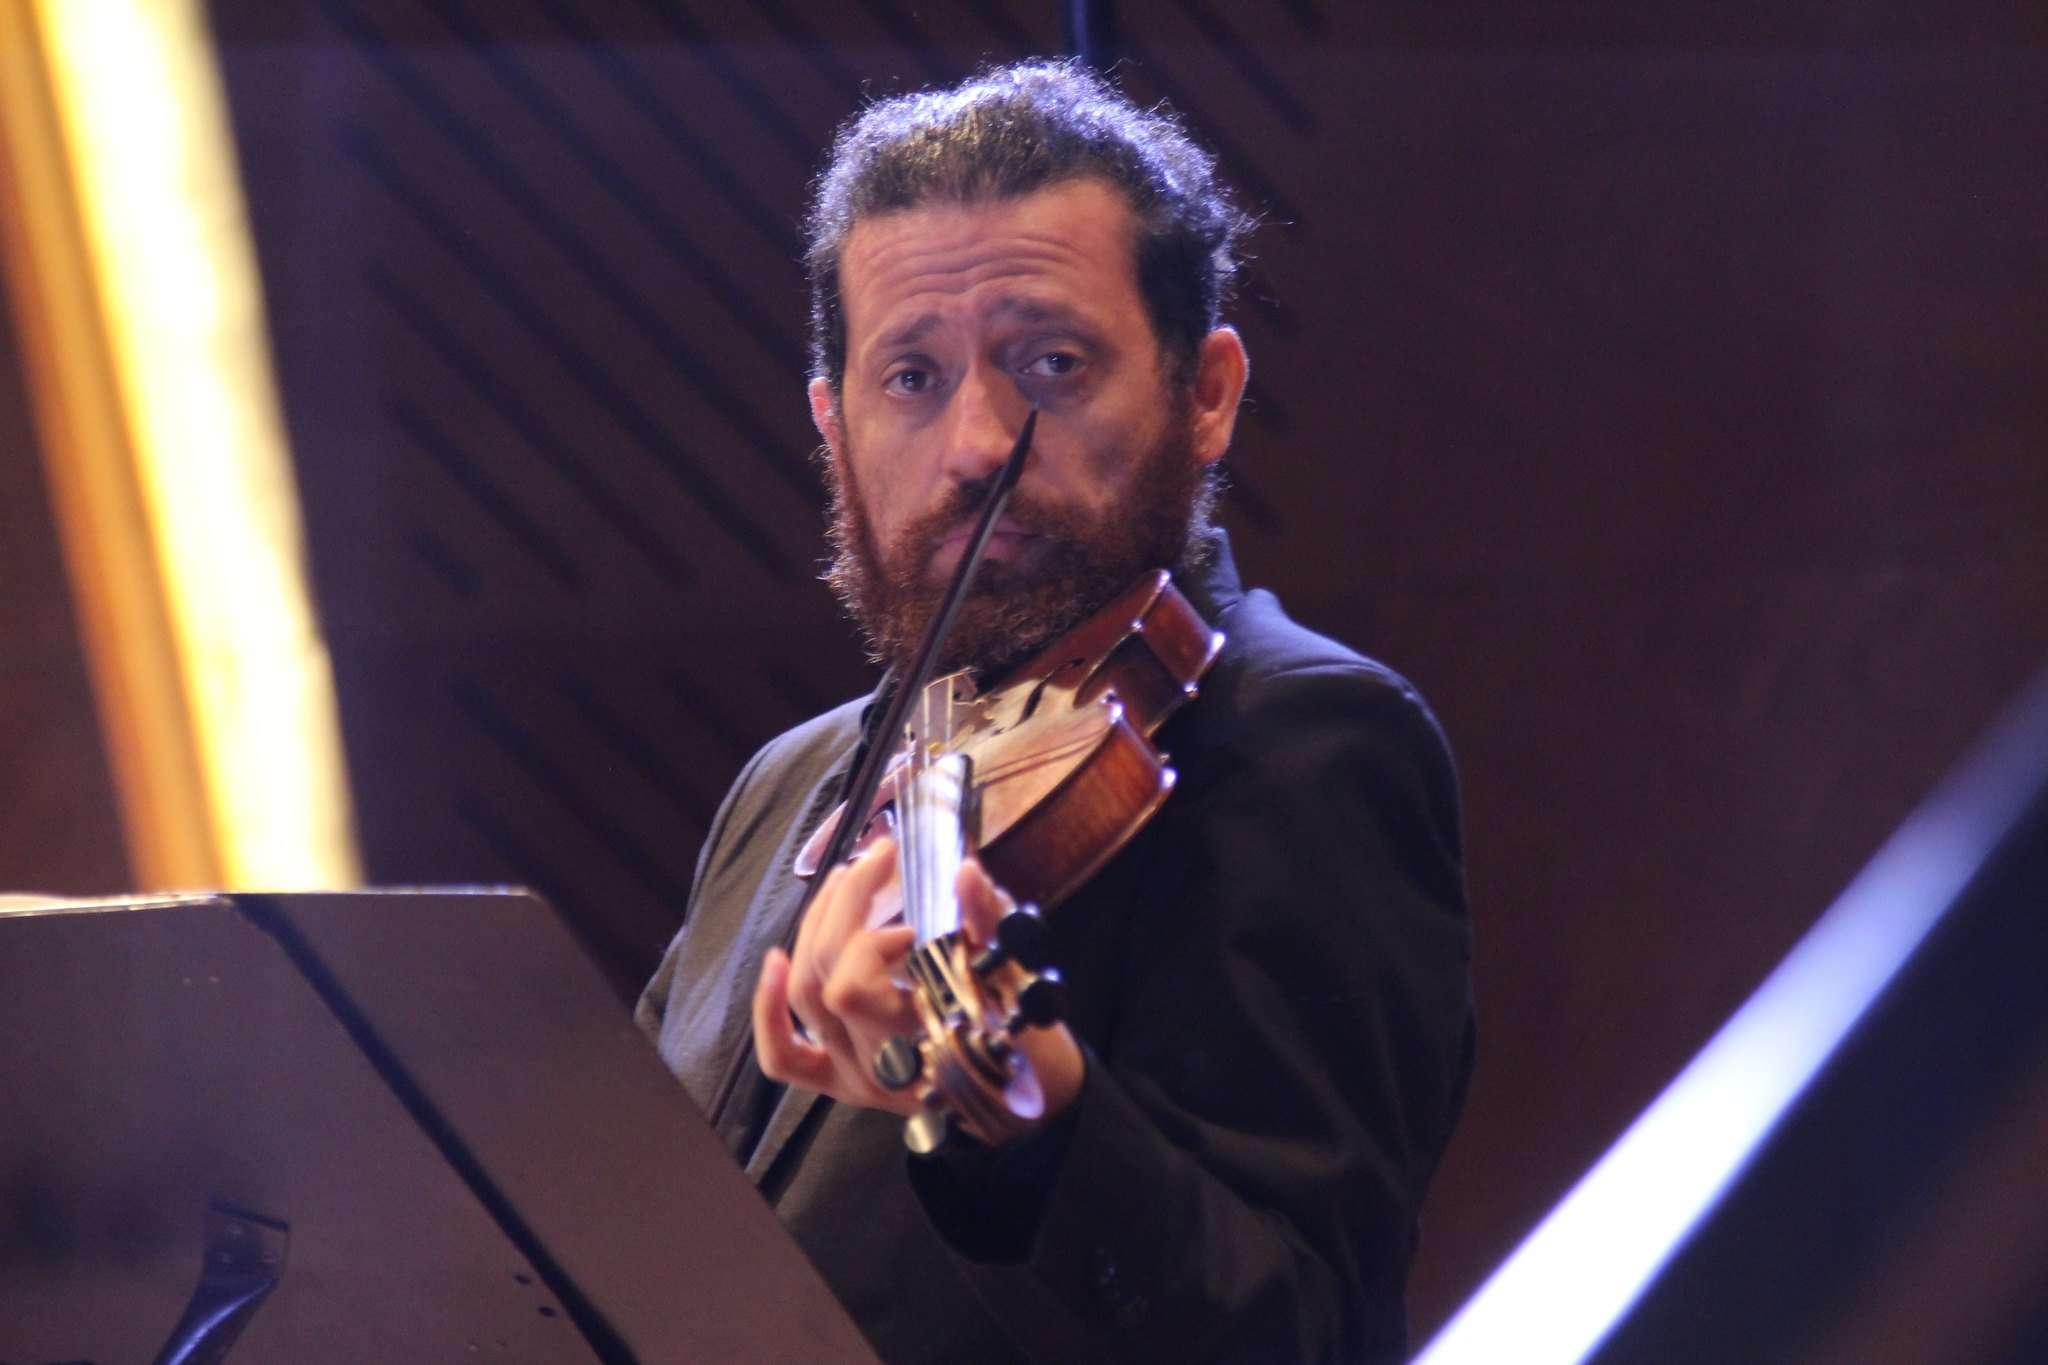 El violinista David Núñez recorrerá la historia del Capricho desde Pierto Locatelli hasta Gabrielle Manca, en su recital en live streaming del 14 de julio próximo. FOTO: IMUC.